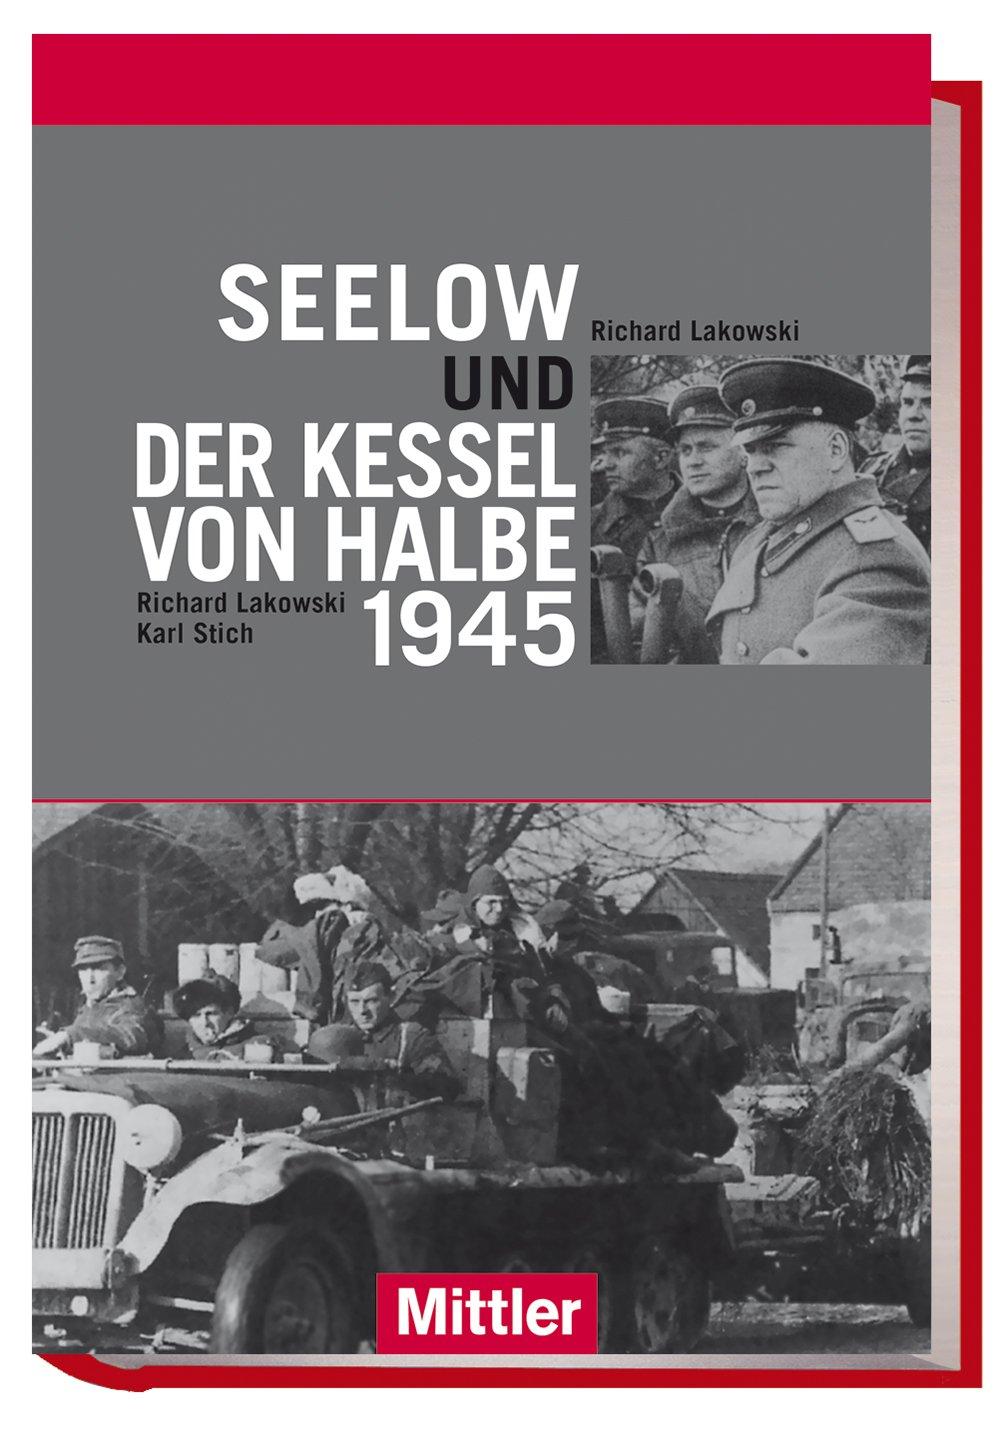 seelow-und-der-kessel-von-halbe-1945